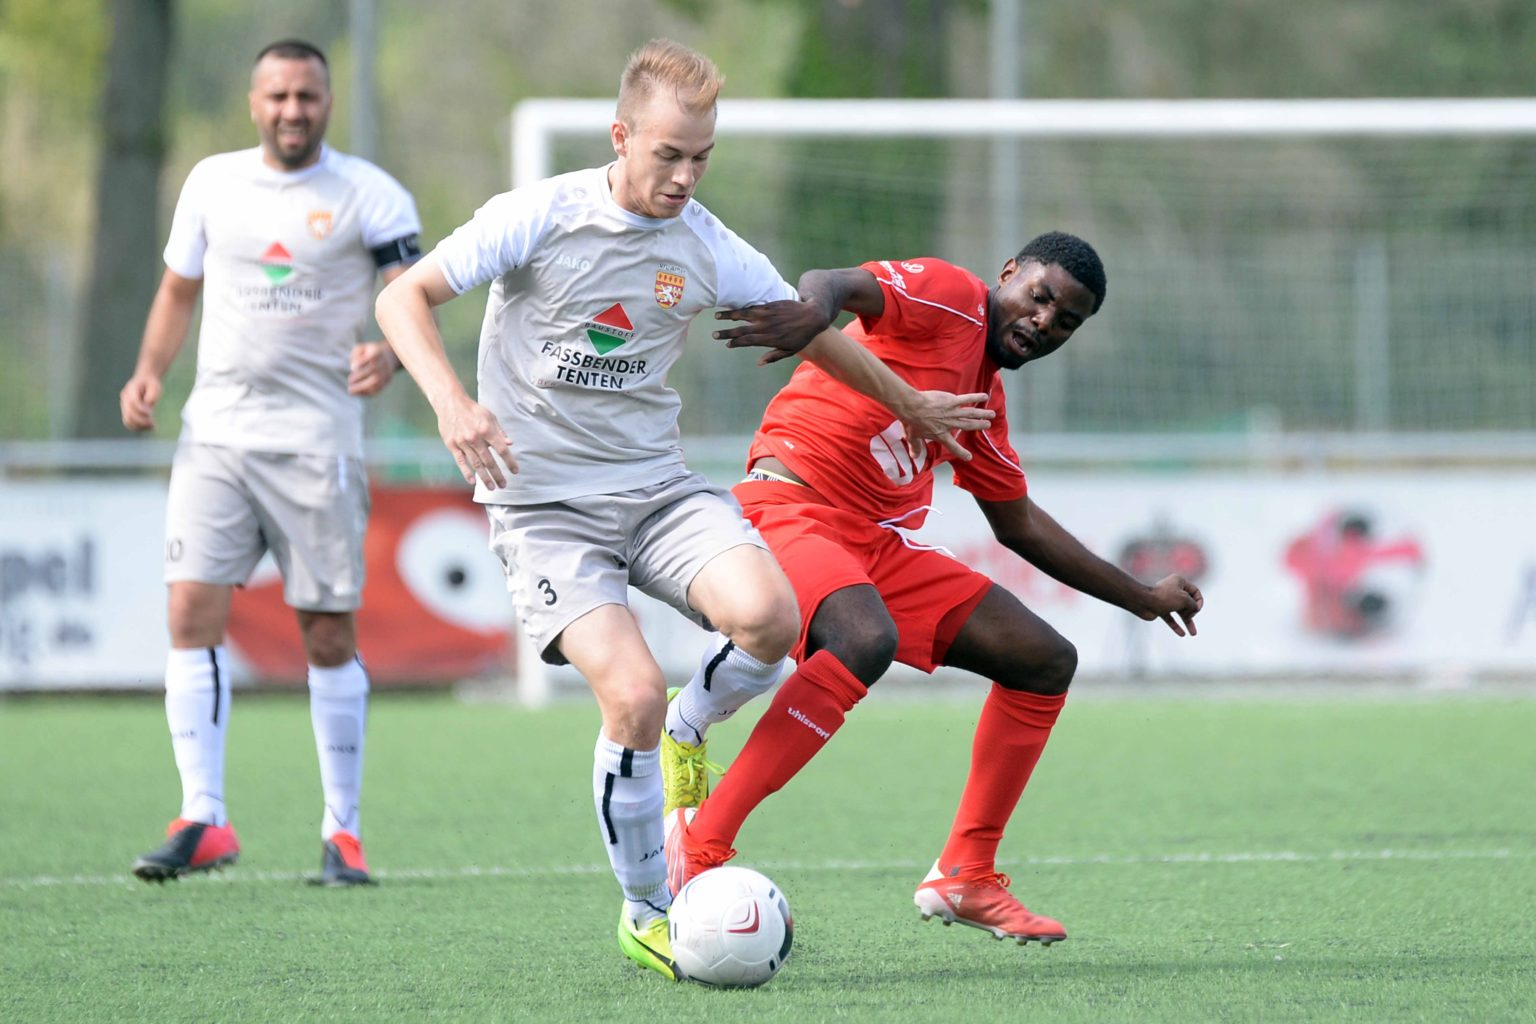 DSC_0422 BSC 1 - VfL Alfter Tobias berger + Francois Engolo